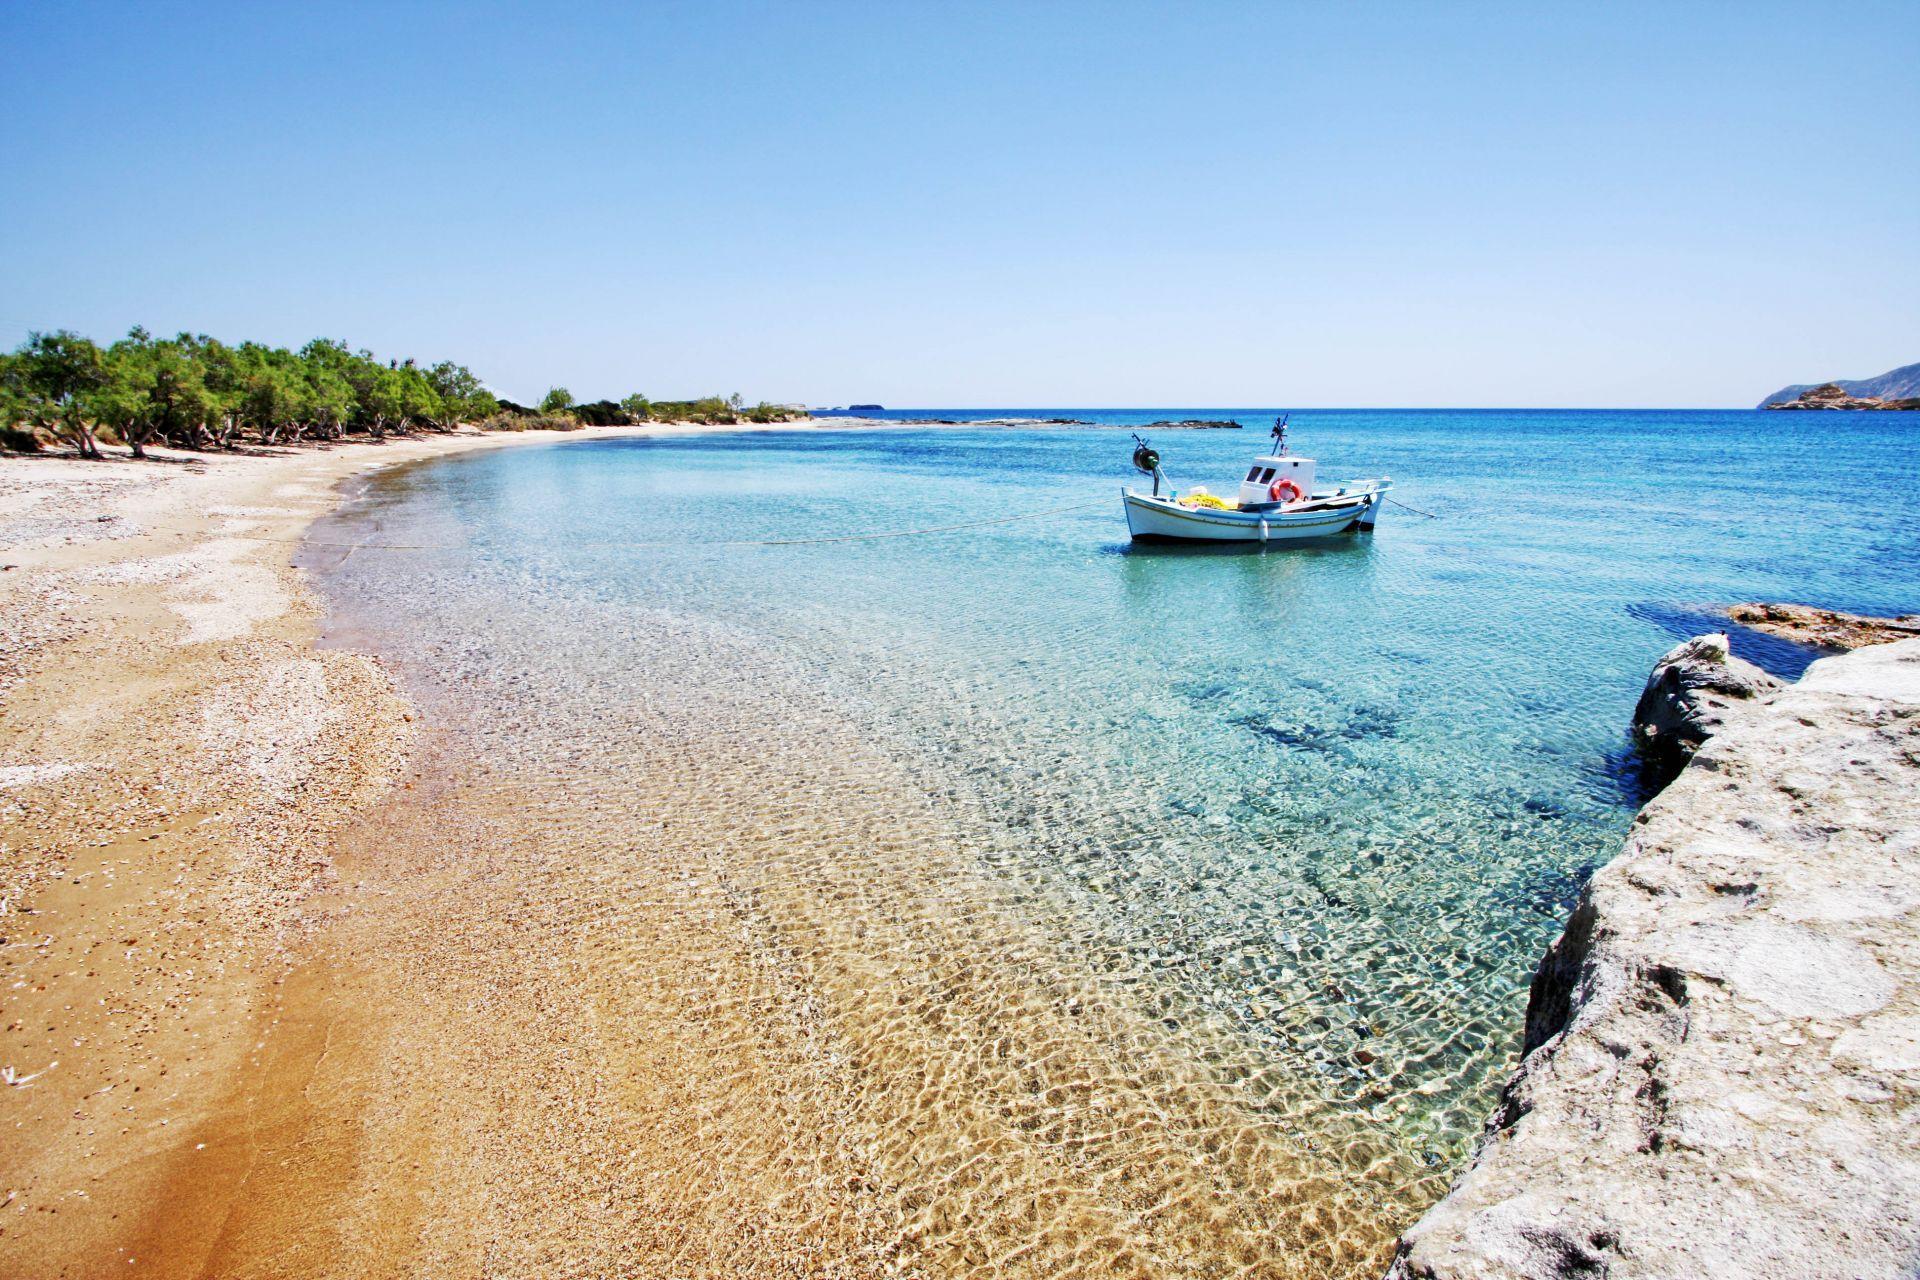 Kimolos island: Kalamitsi